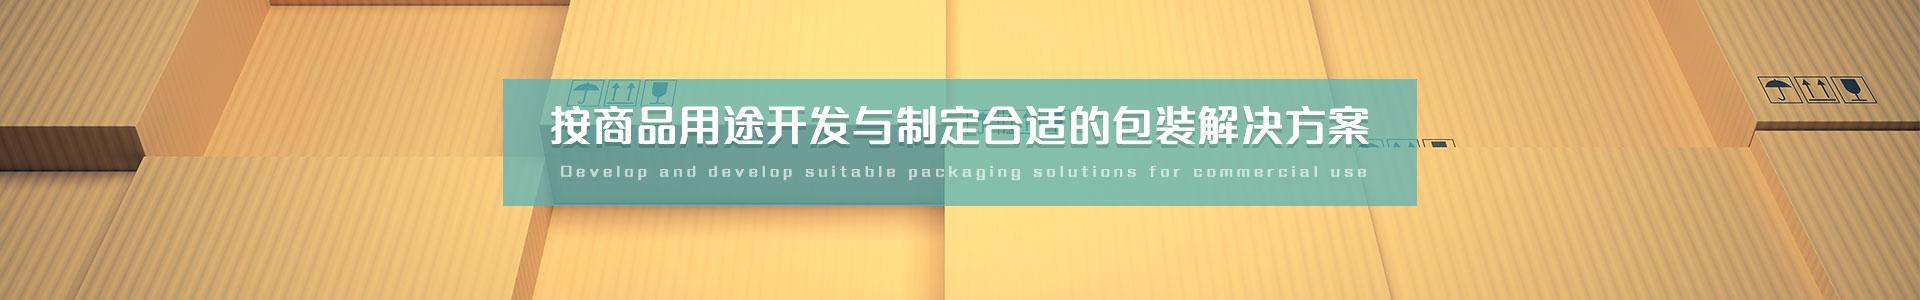 普通纸箱   按商品用途开发与制定合适的包装解决方案